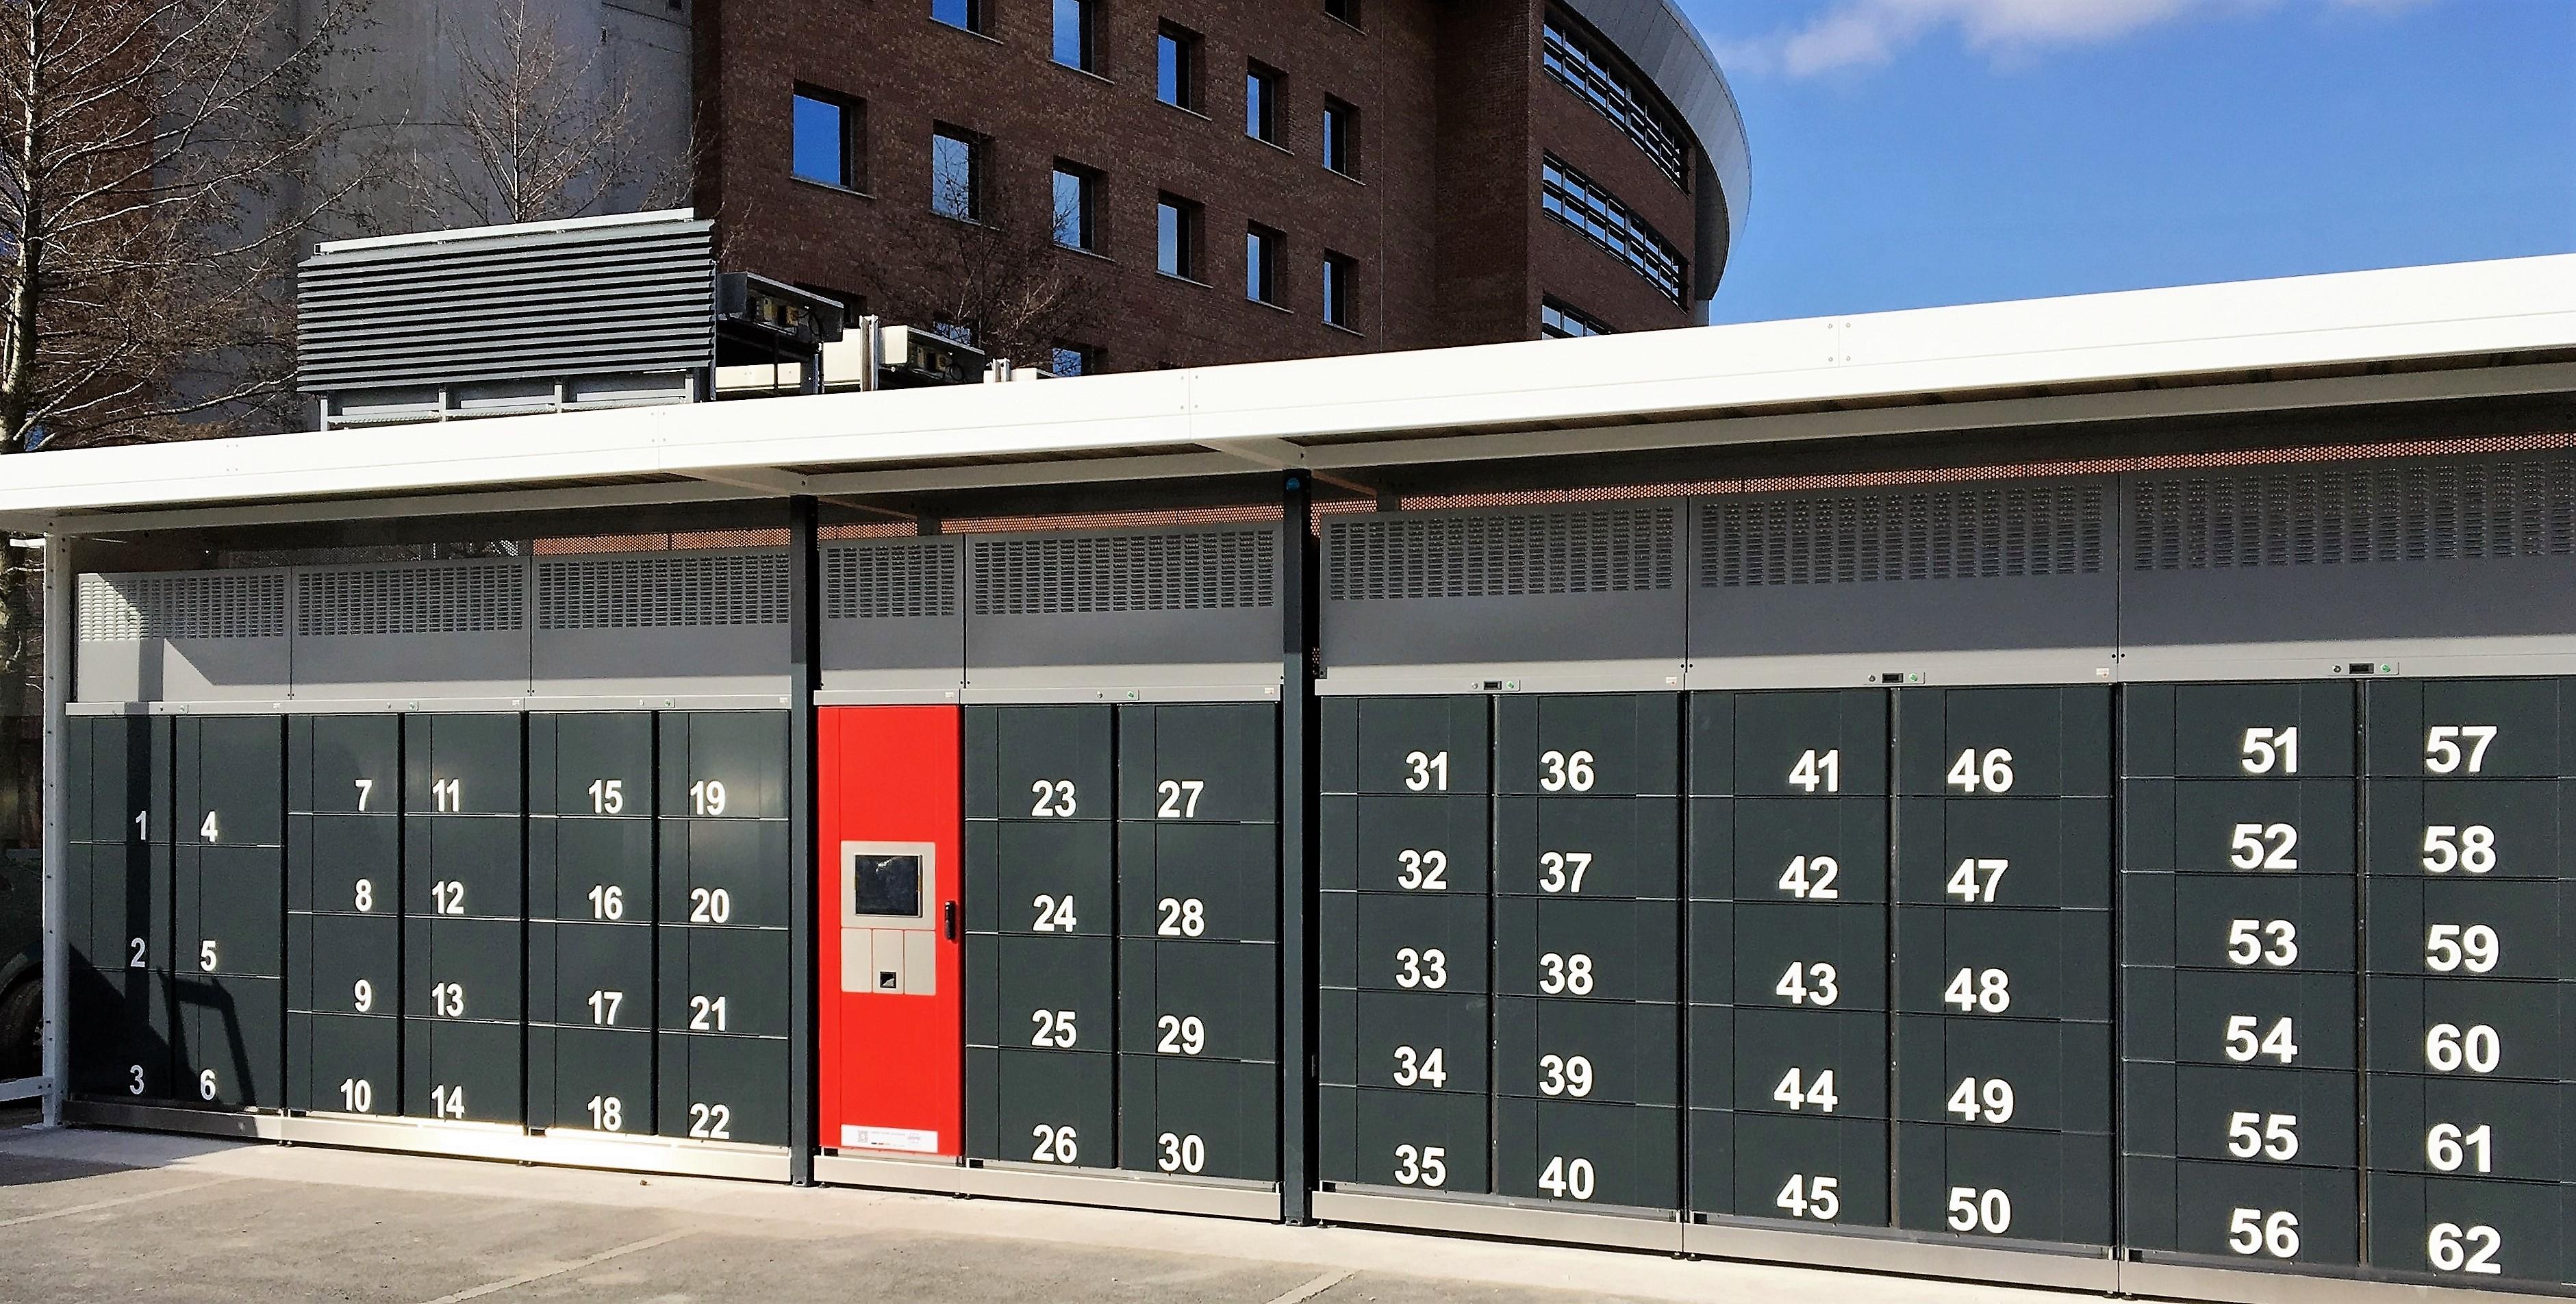 Gekühlte Abholstation cool lockers. Abholfächer für Lebensmittel: Überdachte cool lockers Anlage mit sieben Modulen im Außenbereich.